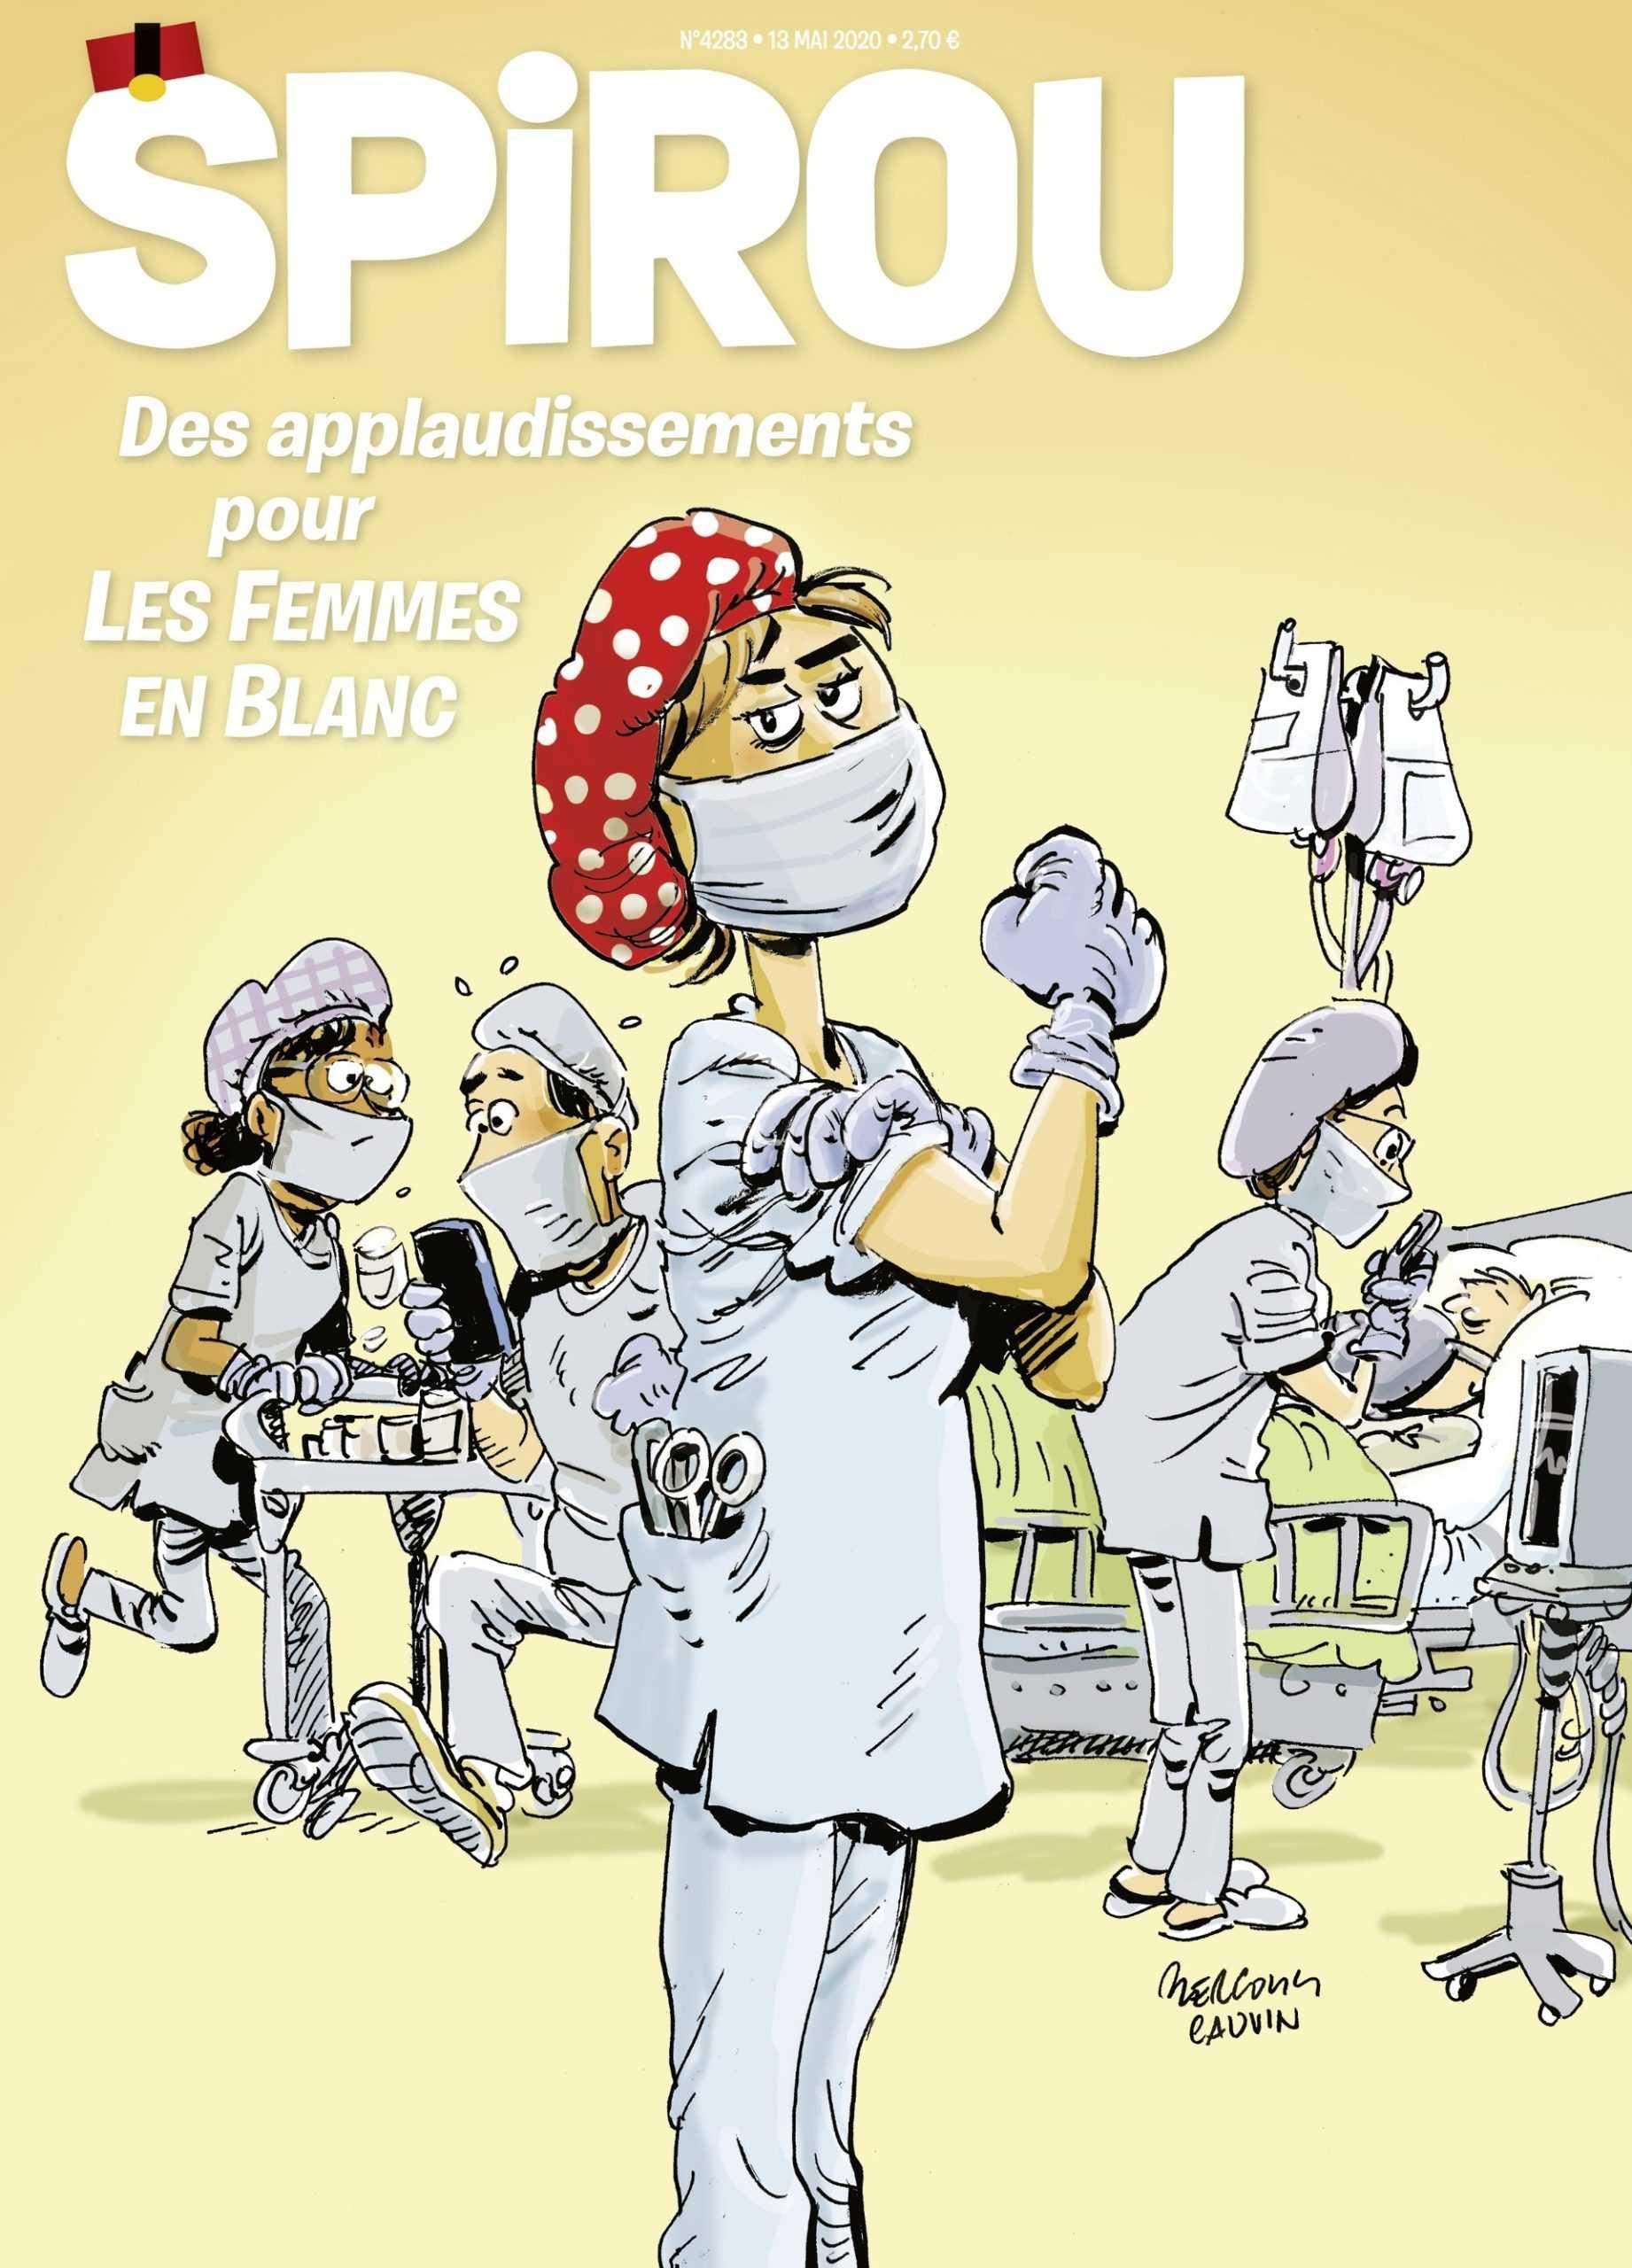 Les femmes en blanc à l'honneur du prochain numéro du journal Spirou